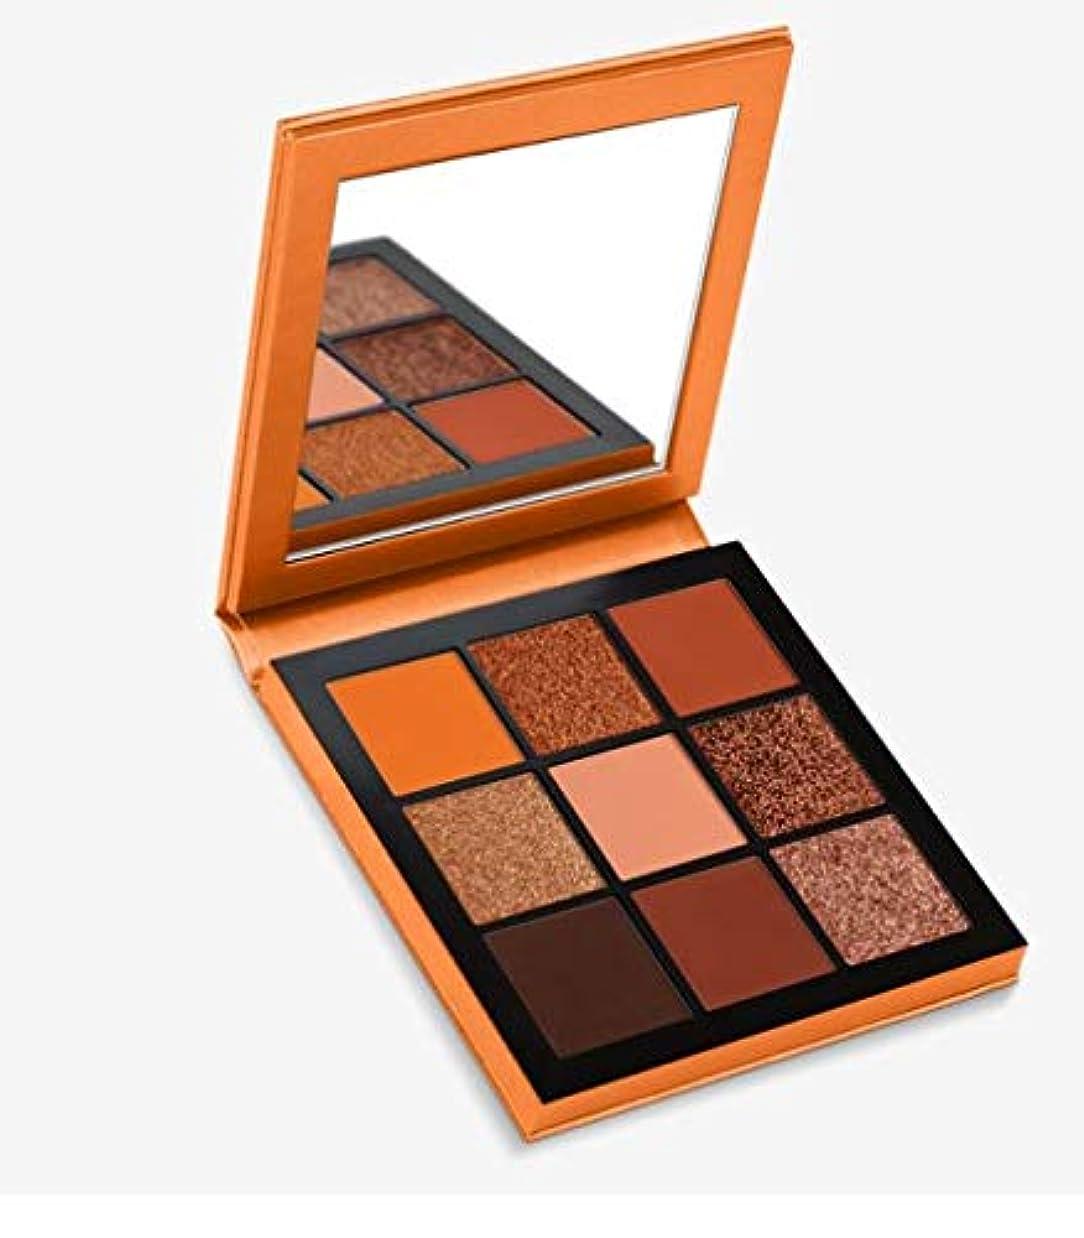 記念碑とげのあるクレアHudabeauty Obsessions Eyeshadow Palette Topaz アイシャドウパレット